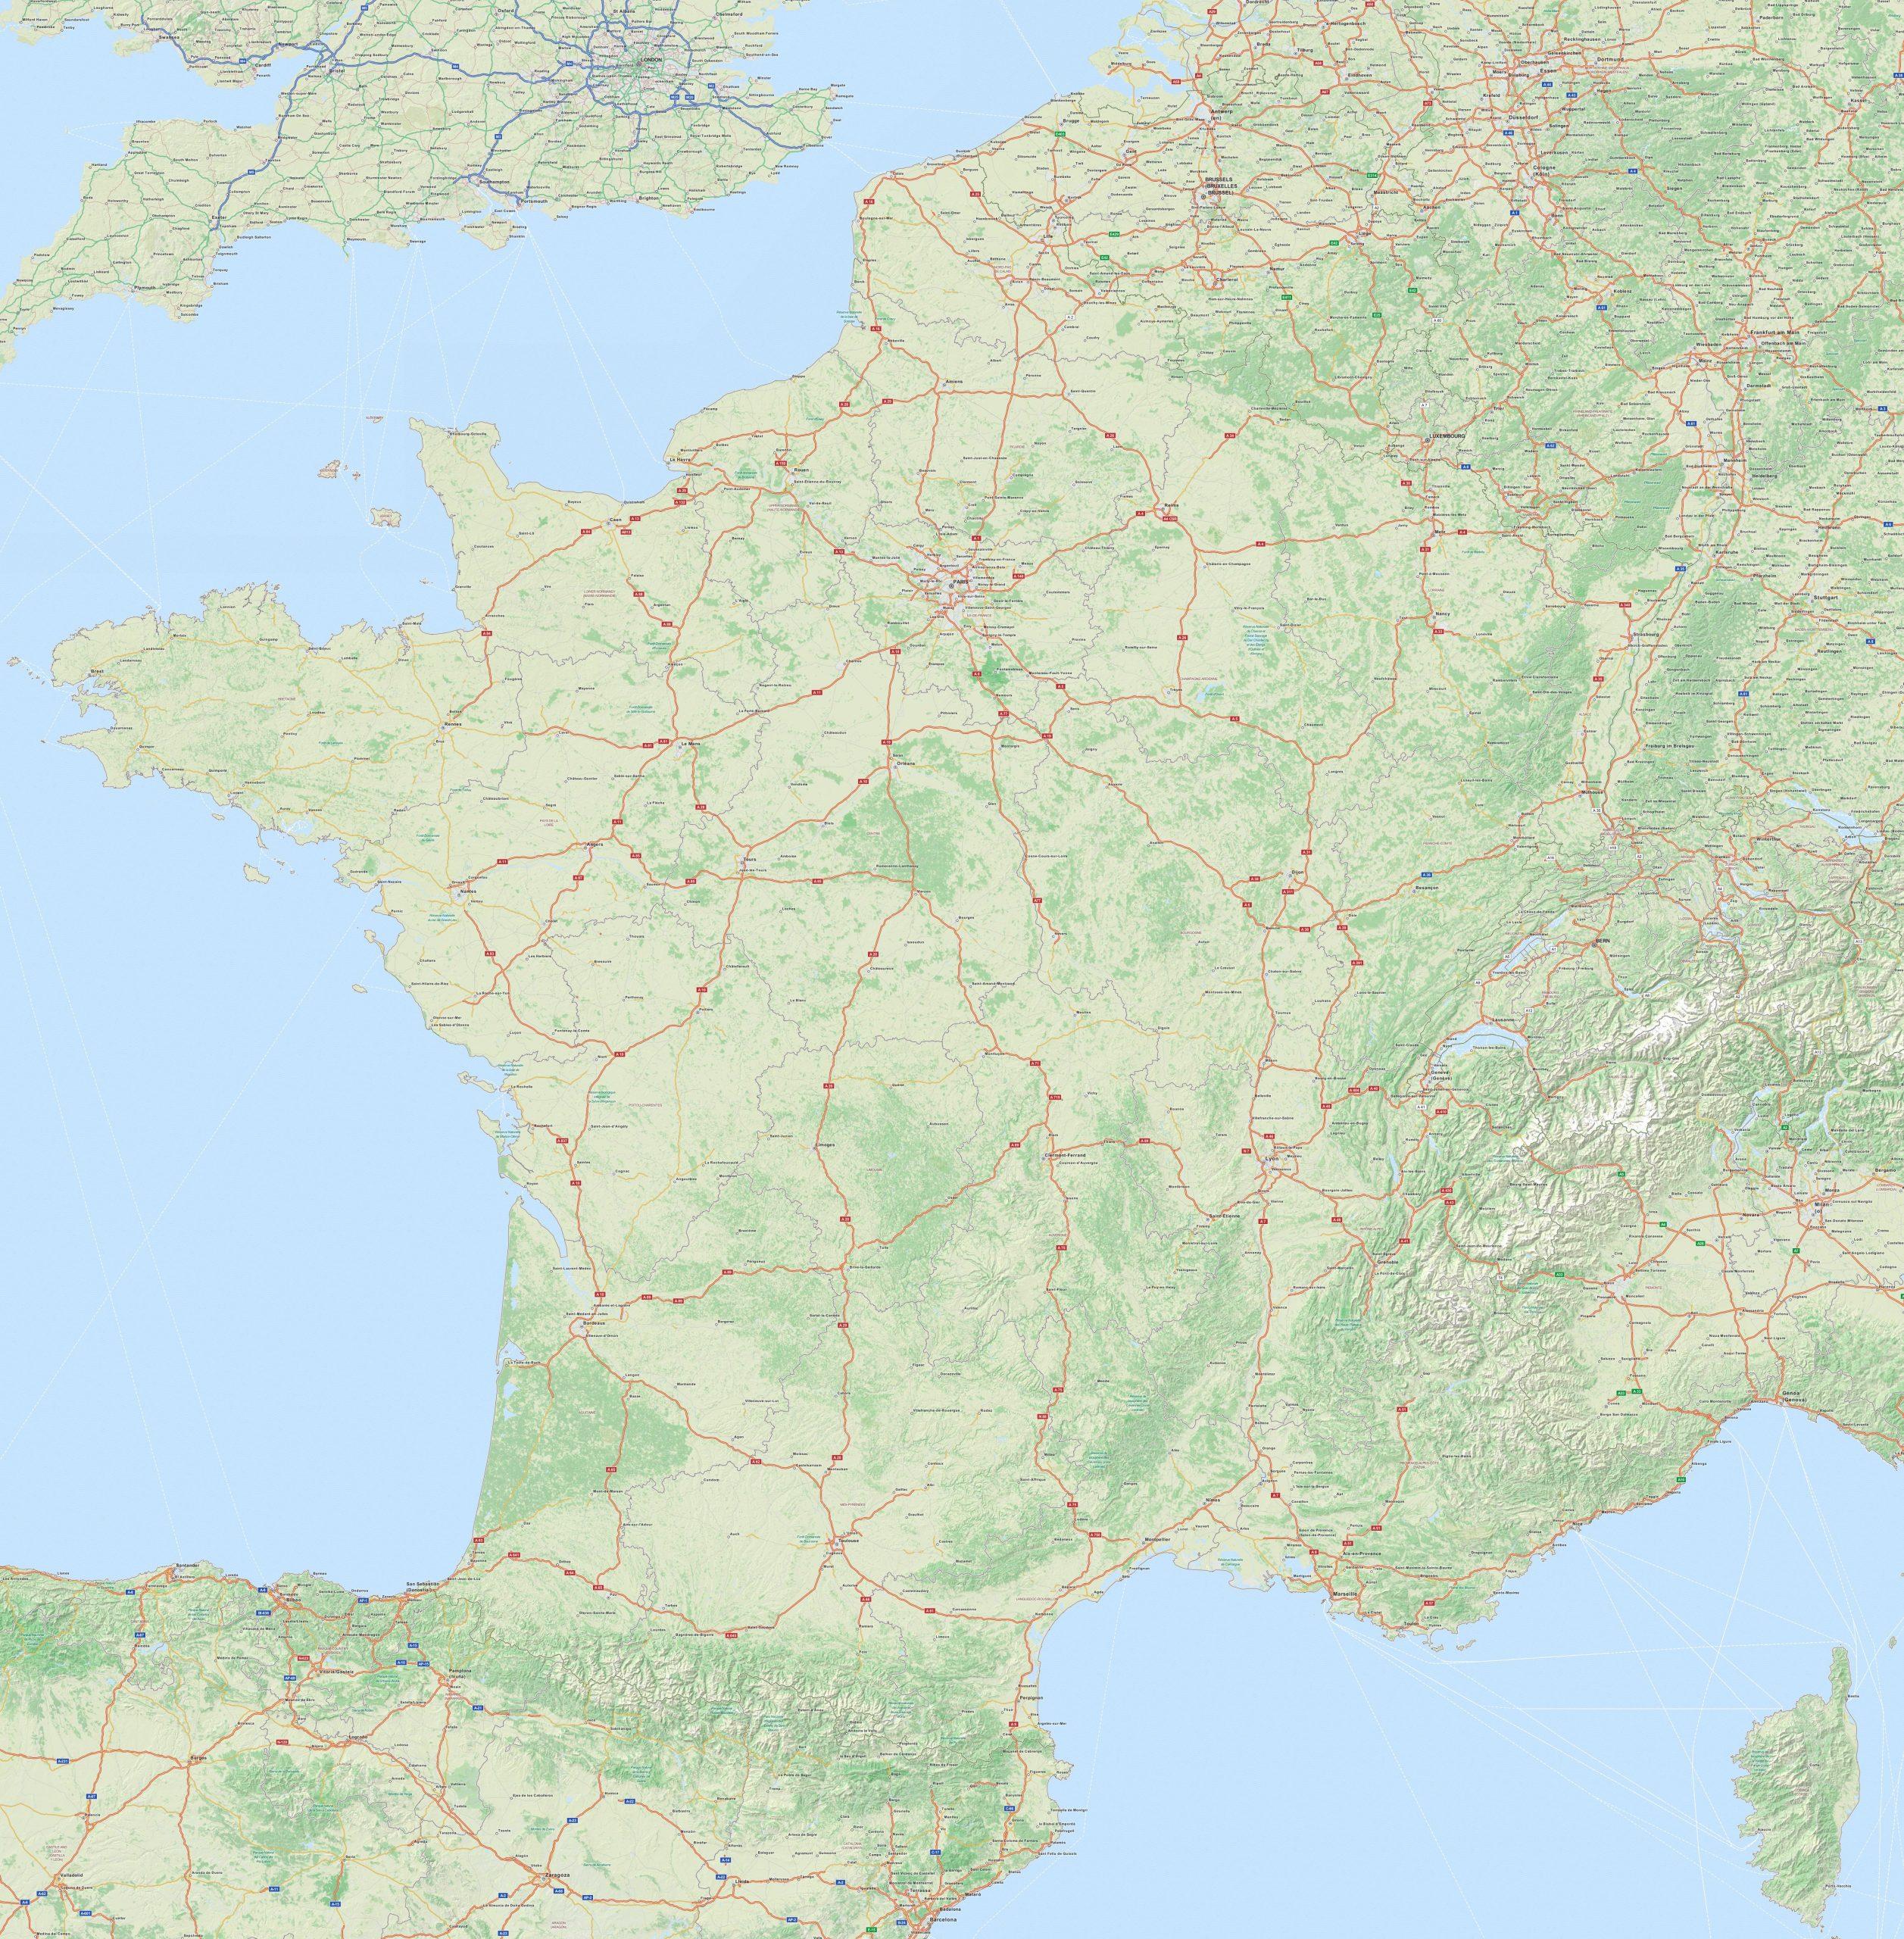 Carte Routière En Haute Résolution encequiconcerne Grande Carte De France